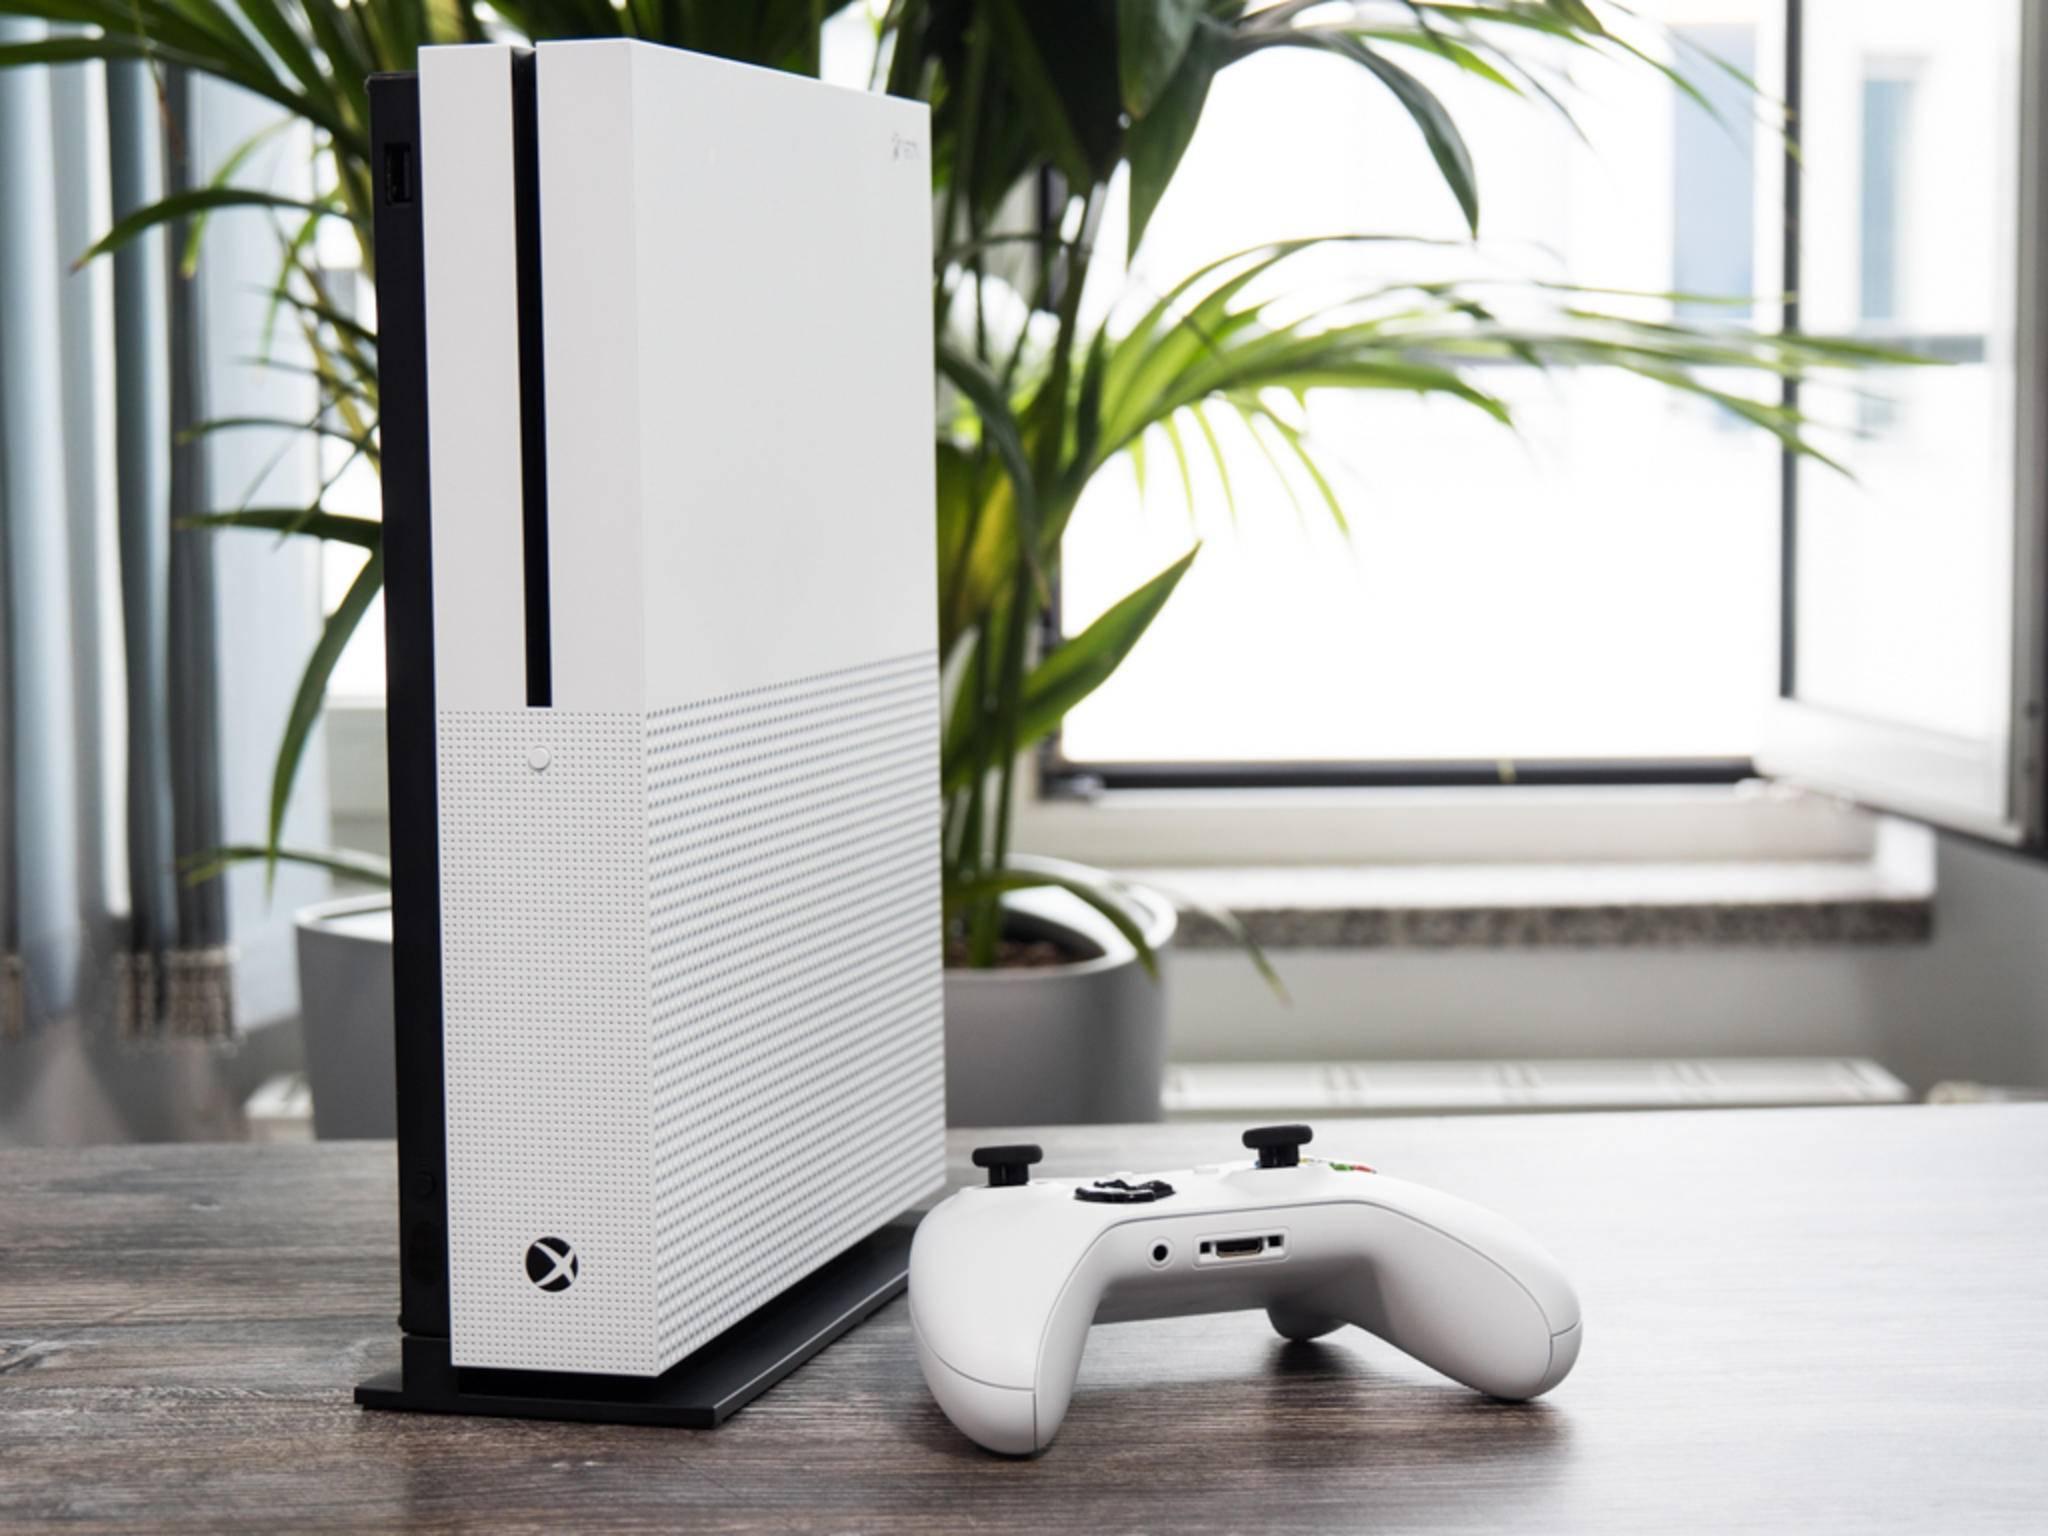 Die Xbox One S zieht in der Redaktion die Blicke auf sich.